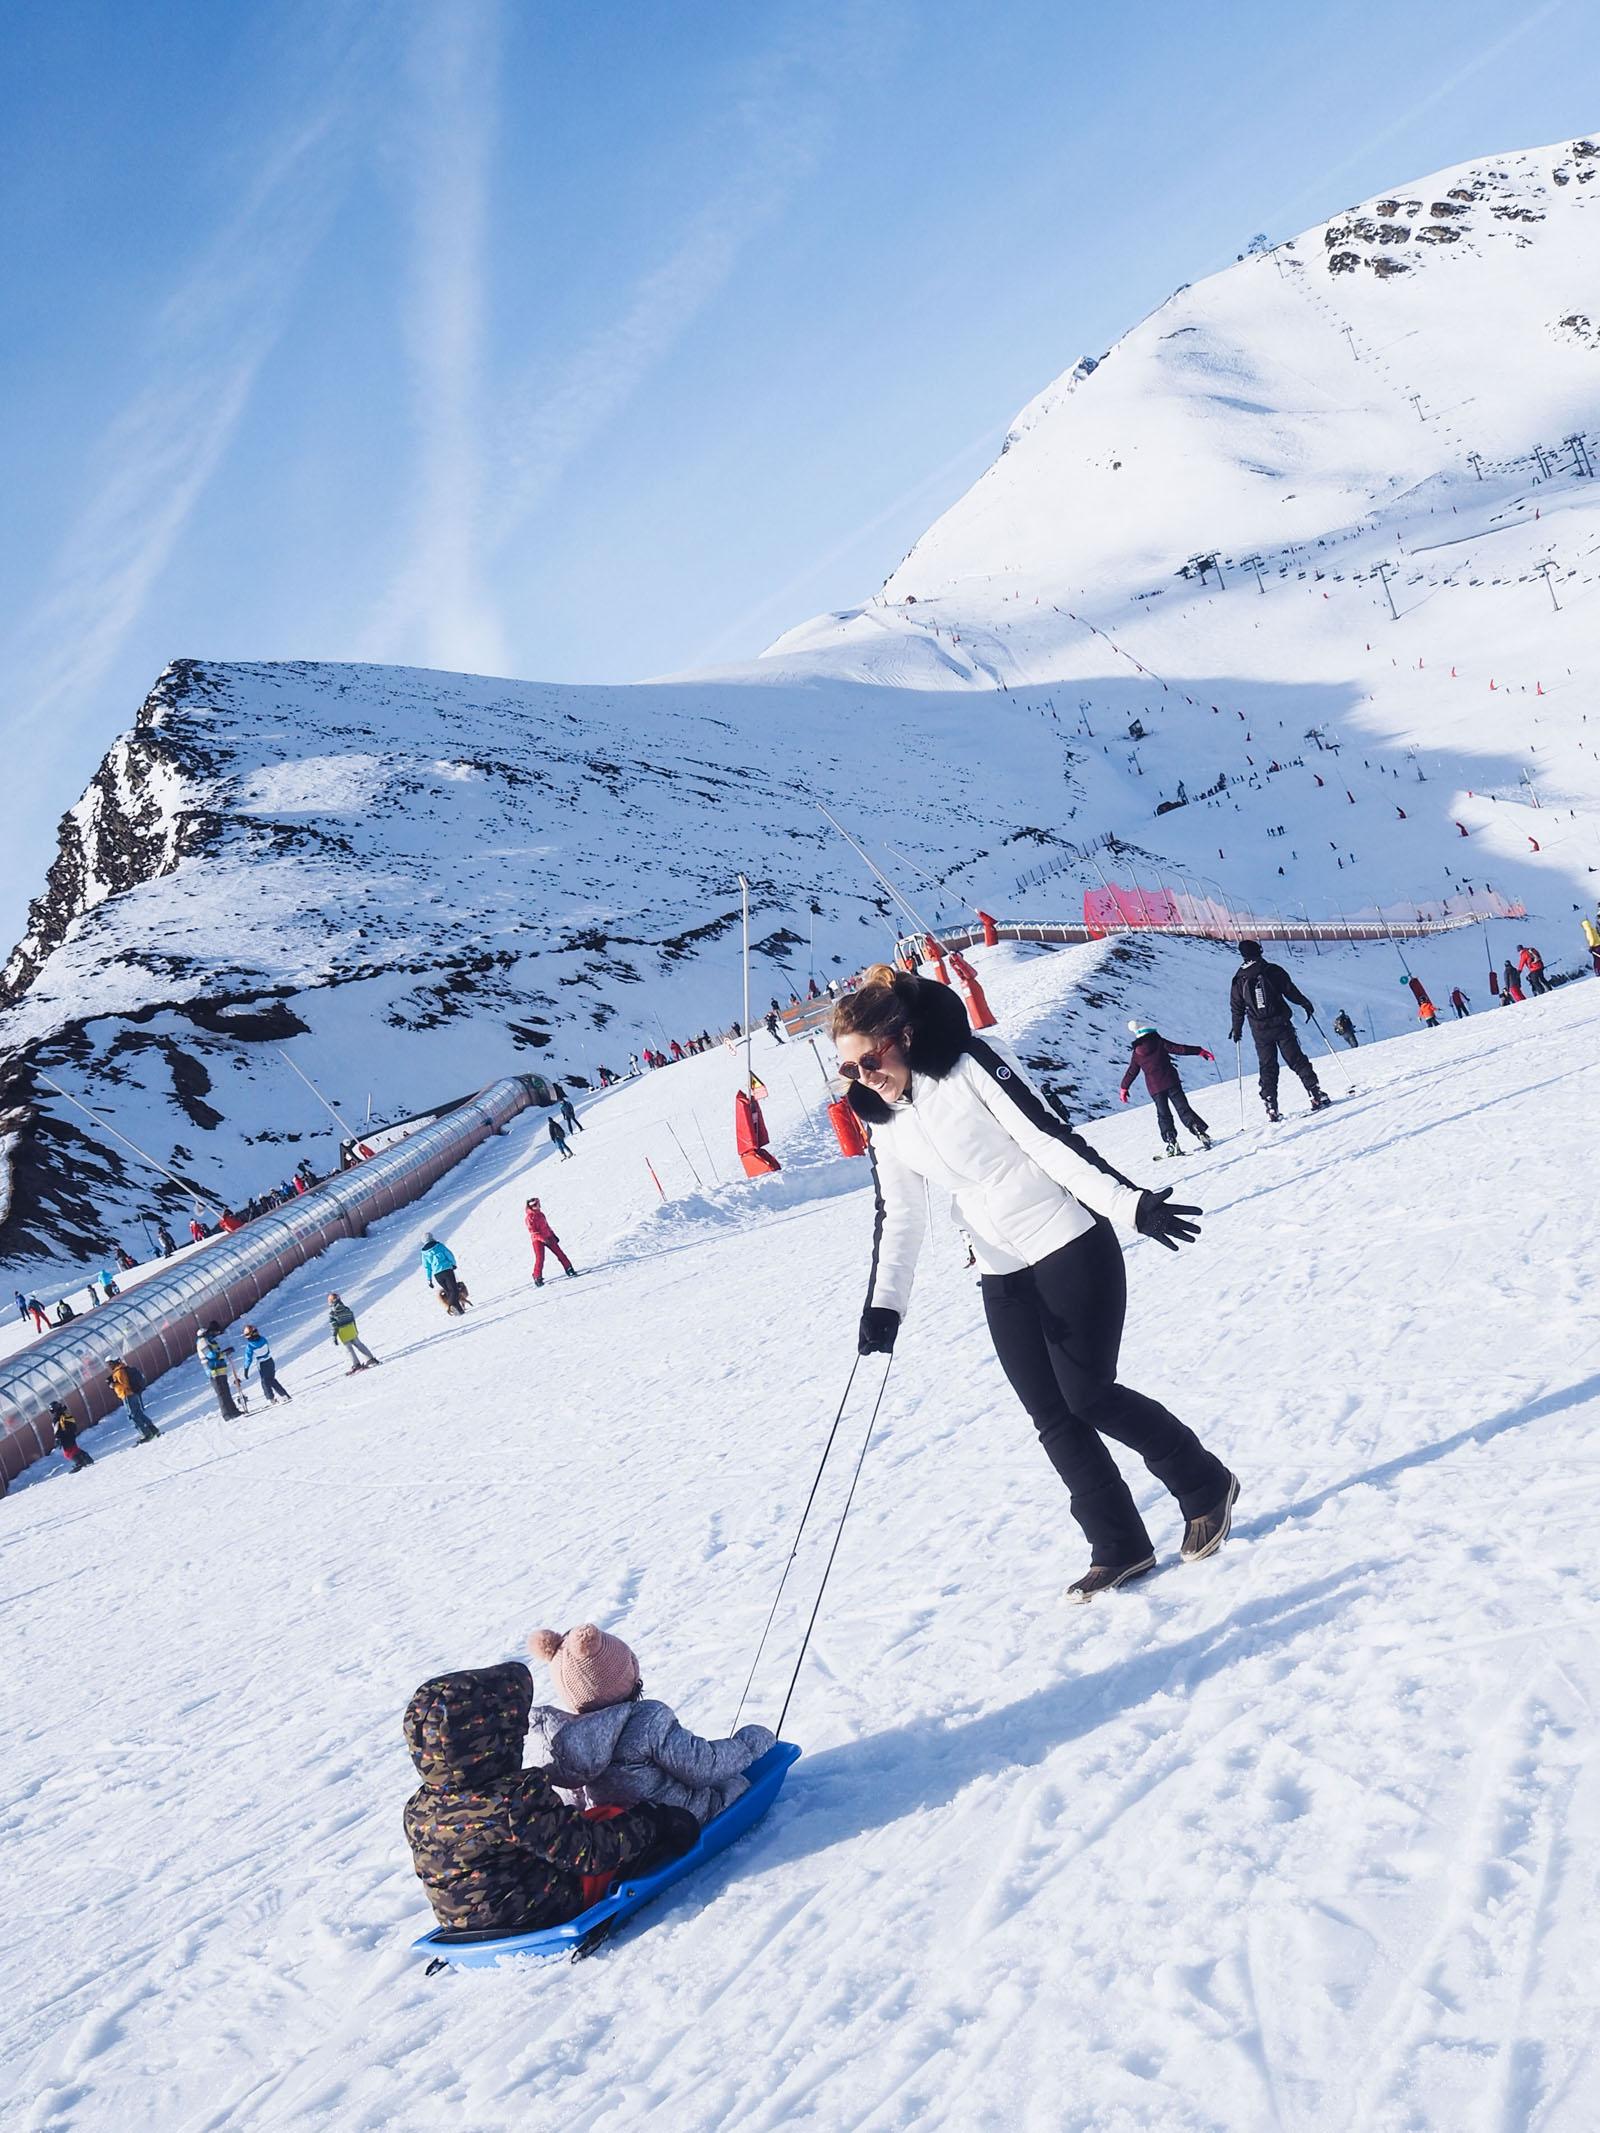 Vacances au ski en famille Hautes Pyrenees bonnes adresses hotel station l La Fiancee du Panda blog mariage et lifestyle-1038356